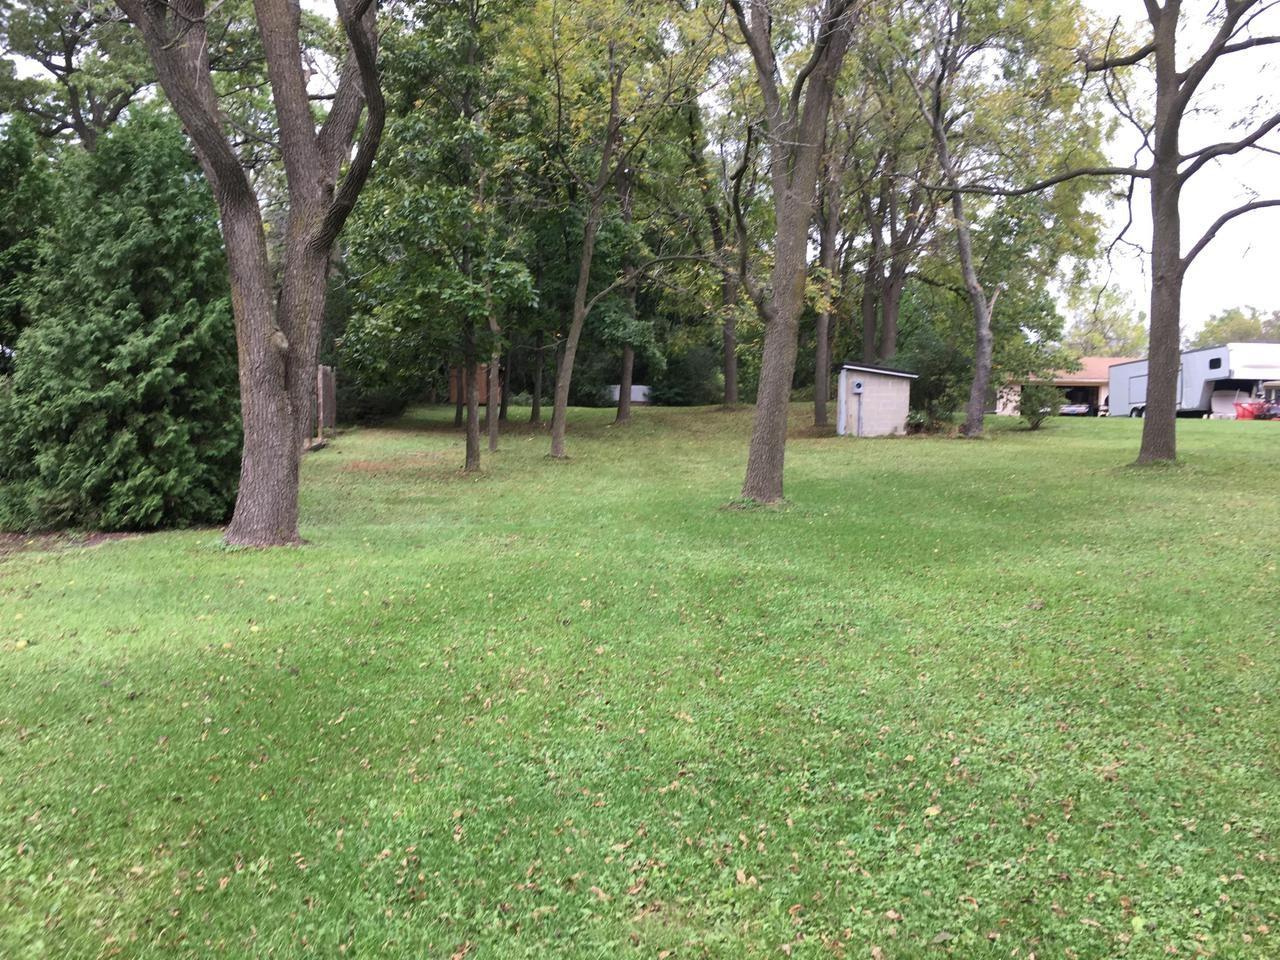 Photo of Lt030 N Walworth Rd, Walworth, WI 53184 (MLS # 1768203)